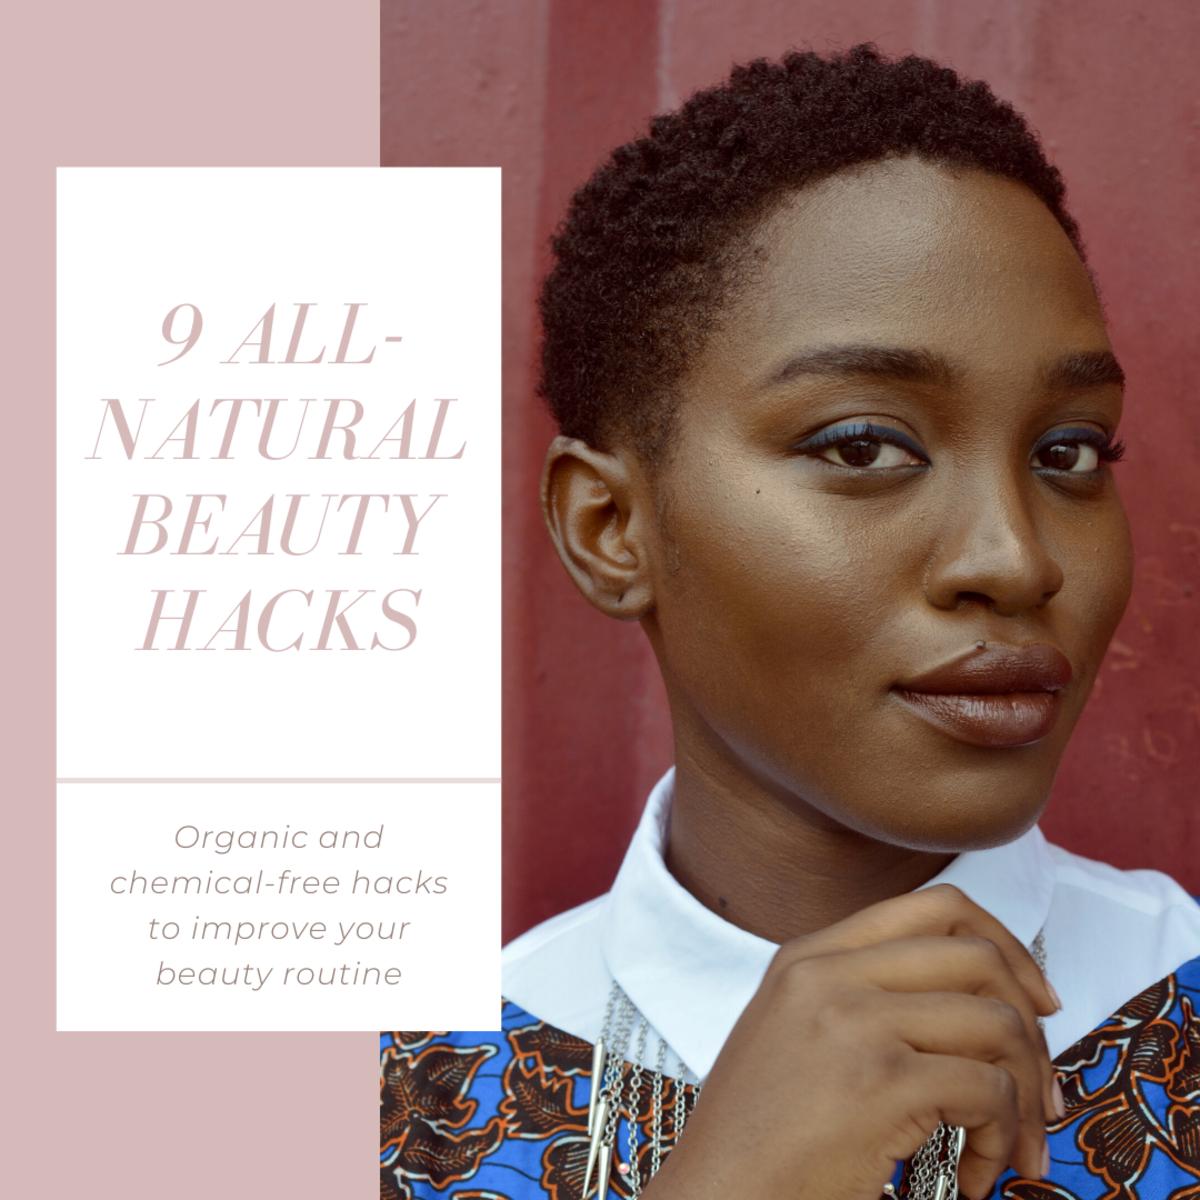 9 All-Natural Beauty Hacks